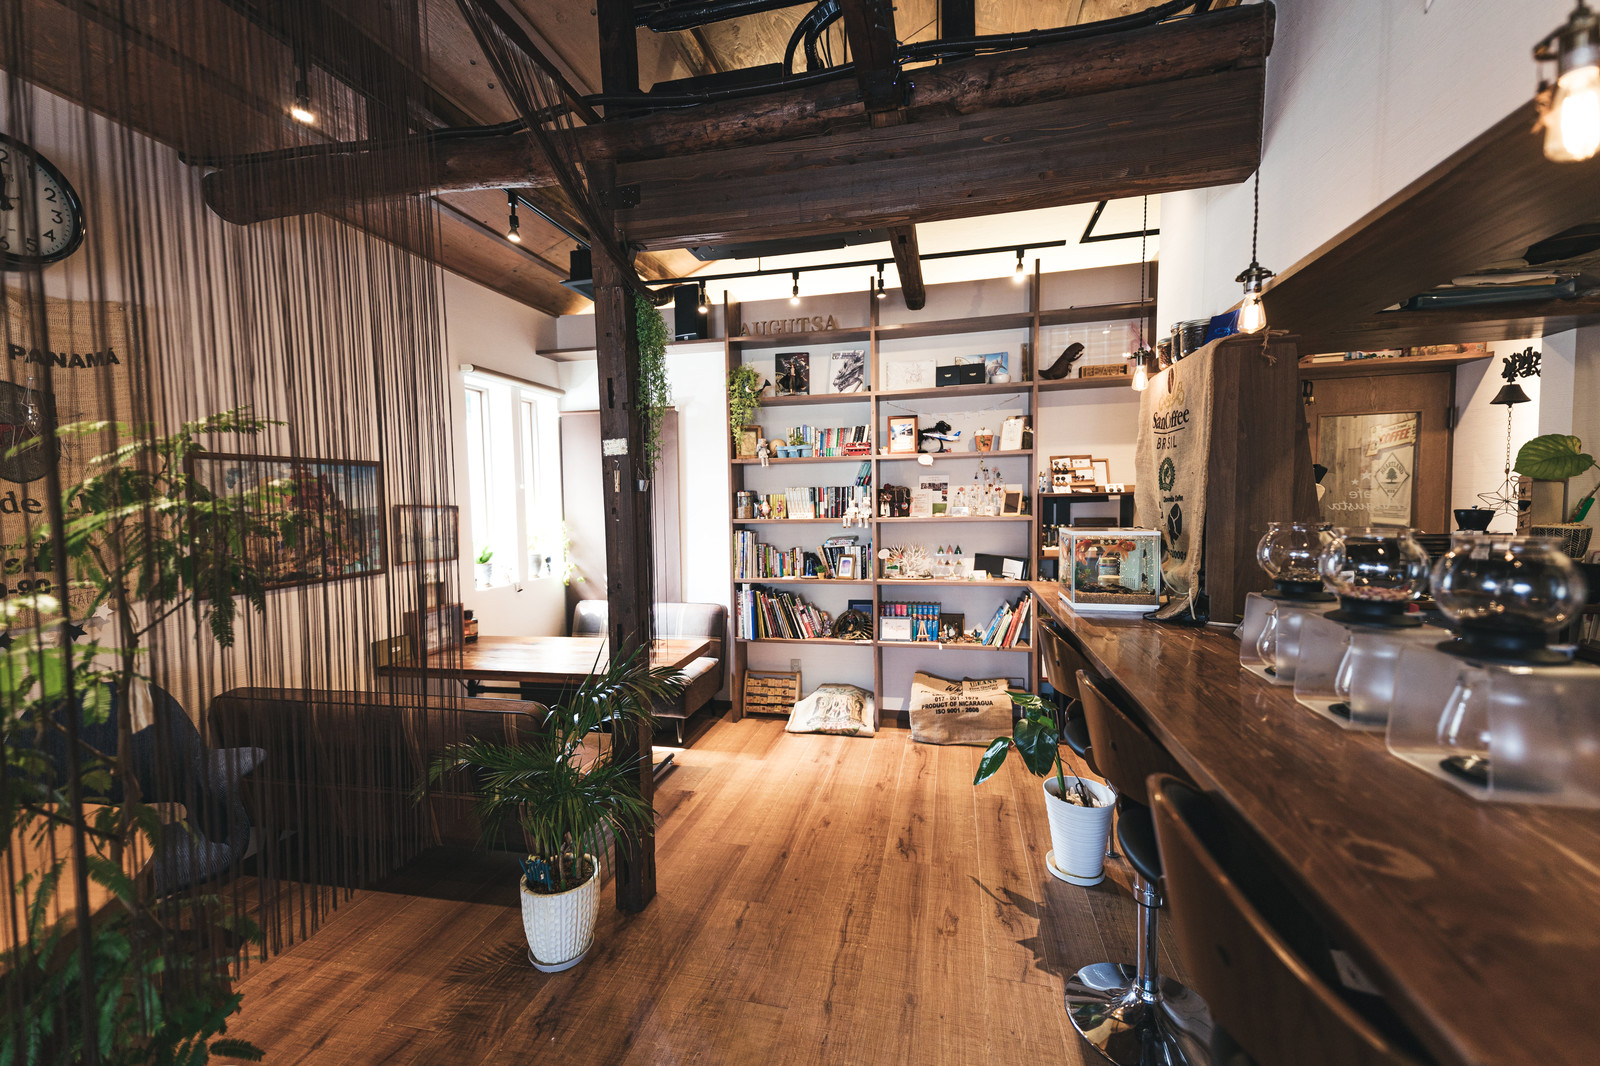 「木目調の喫茶店内(カフェ:オーガスタ)」の写真